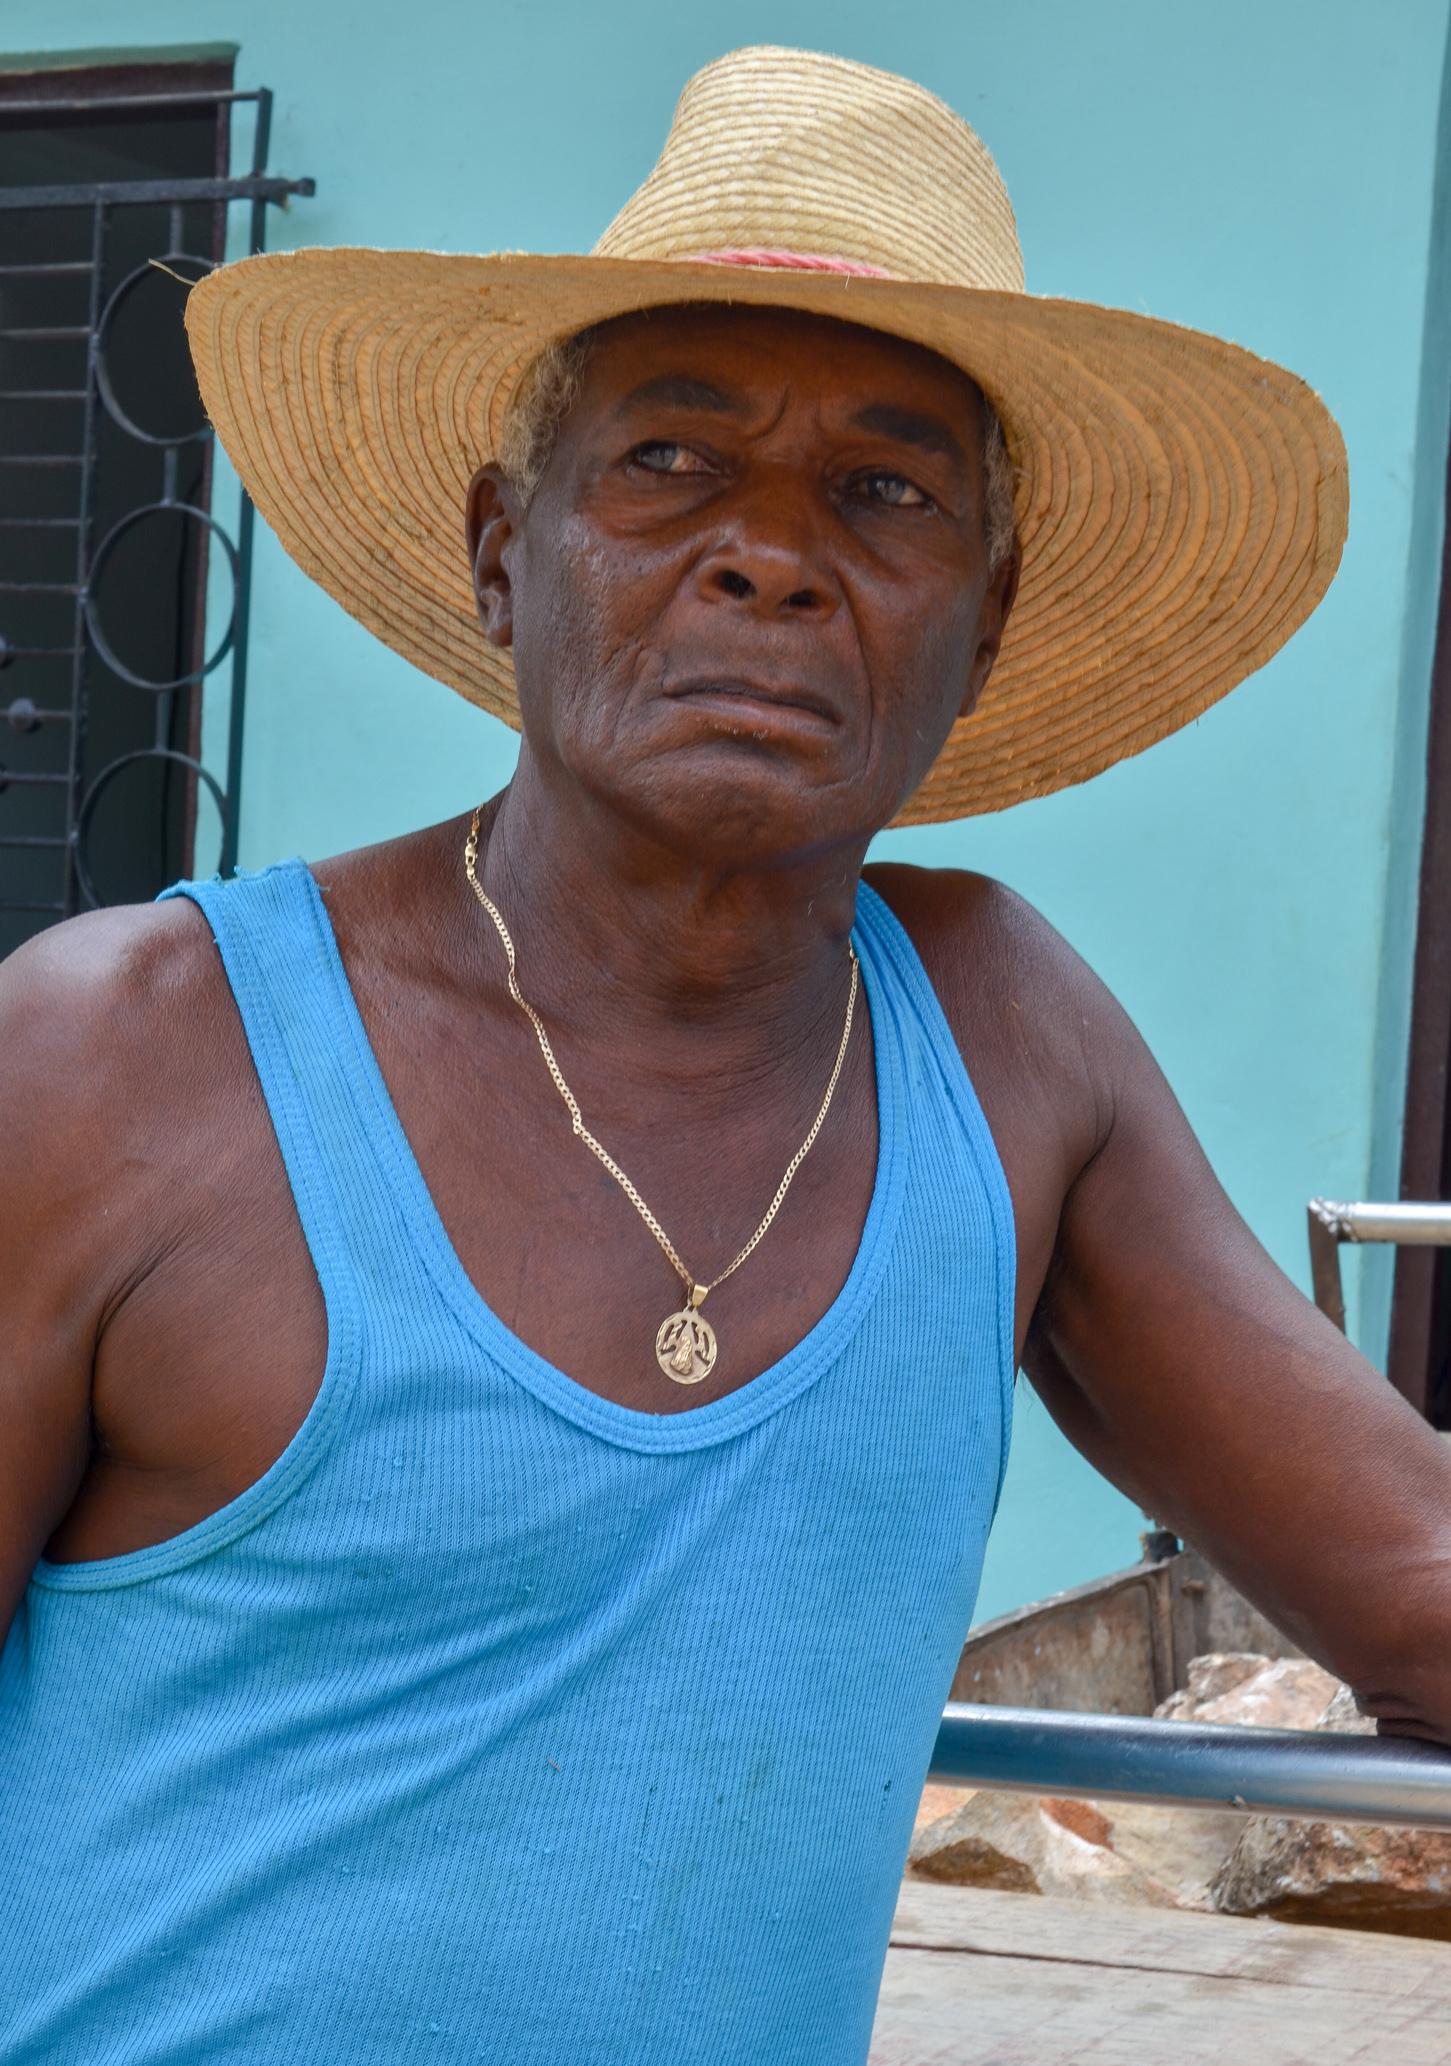 treet Cleaner - Havana Cuba 2015